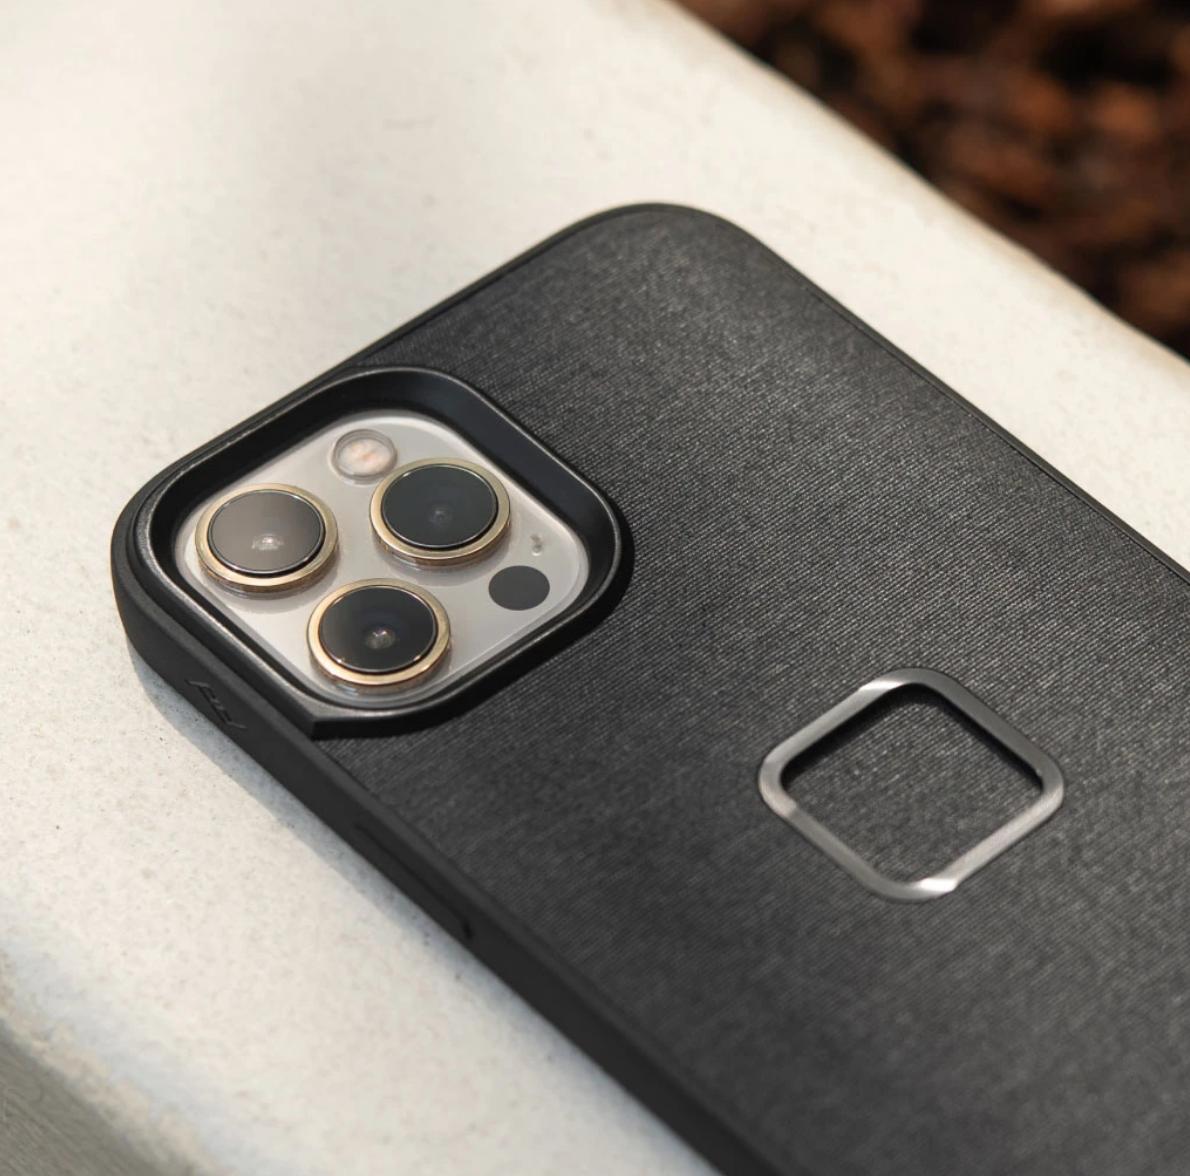 Peak Design Mobile Accessories